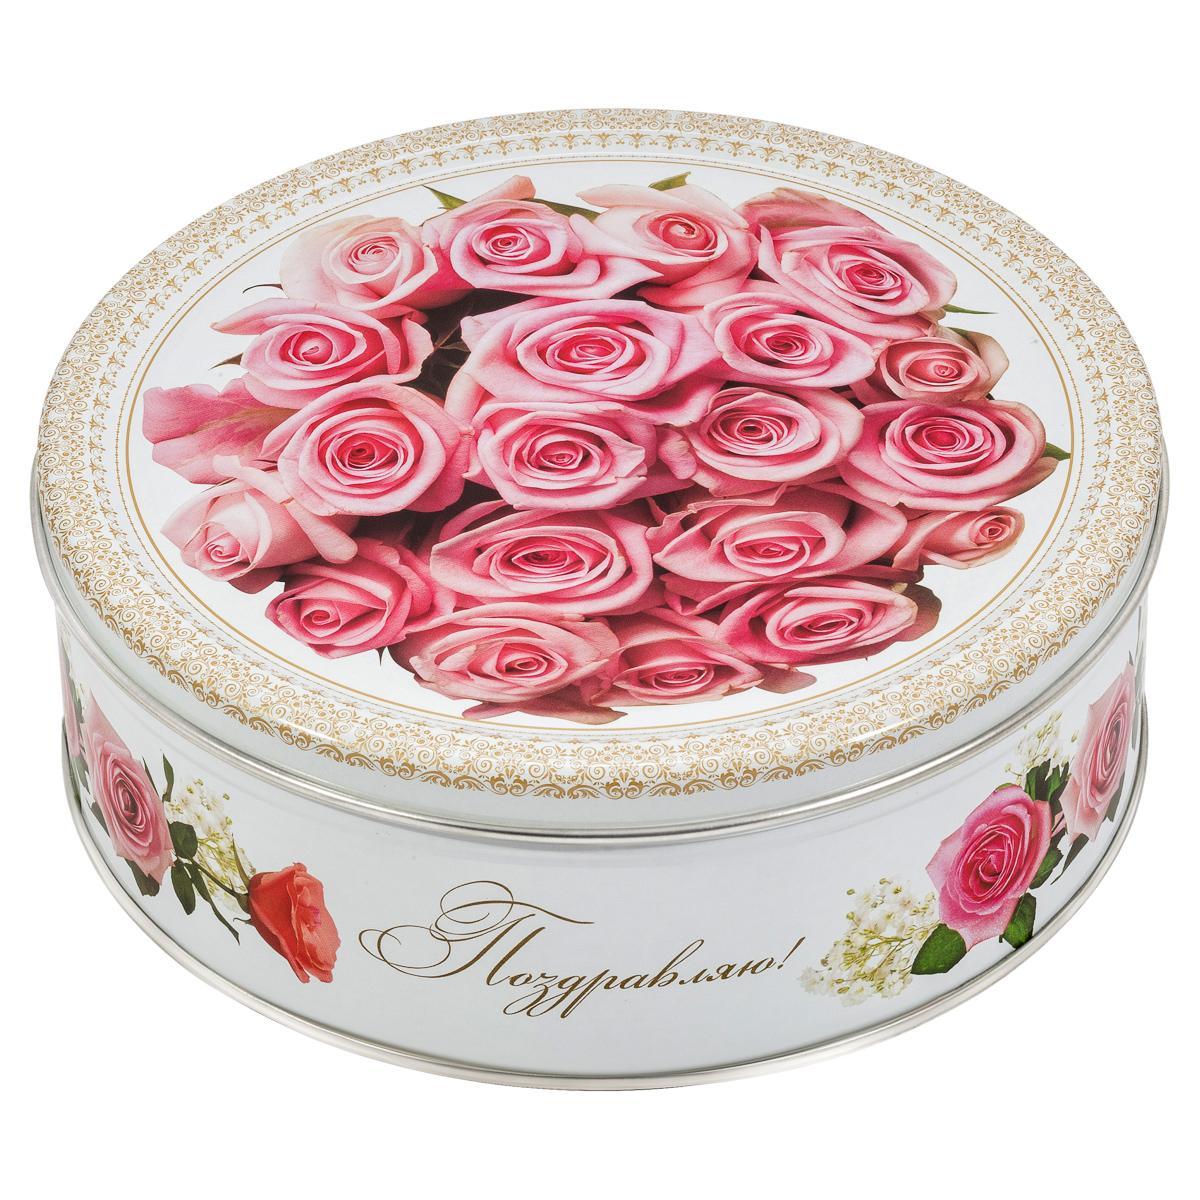 Monte Christo Розовый этюд печенье с кокосовой стружкой, 400 г сладкая сказка новогодний календарь снегурочка 75 г